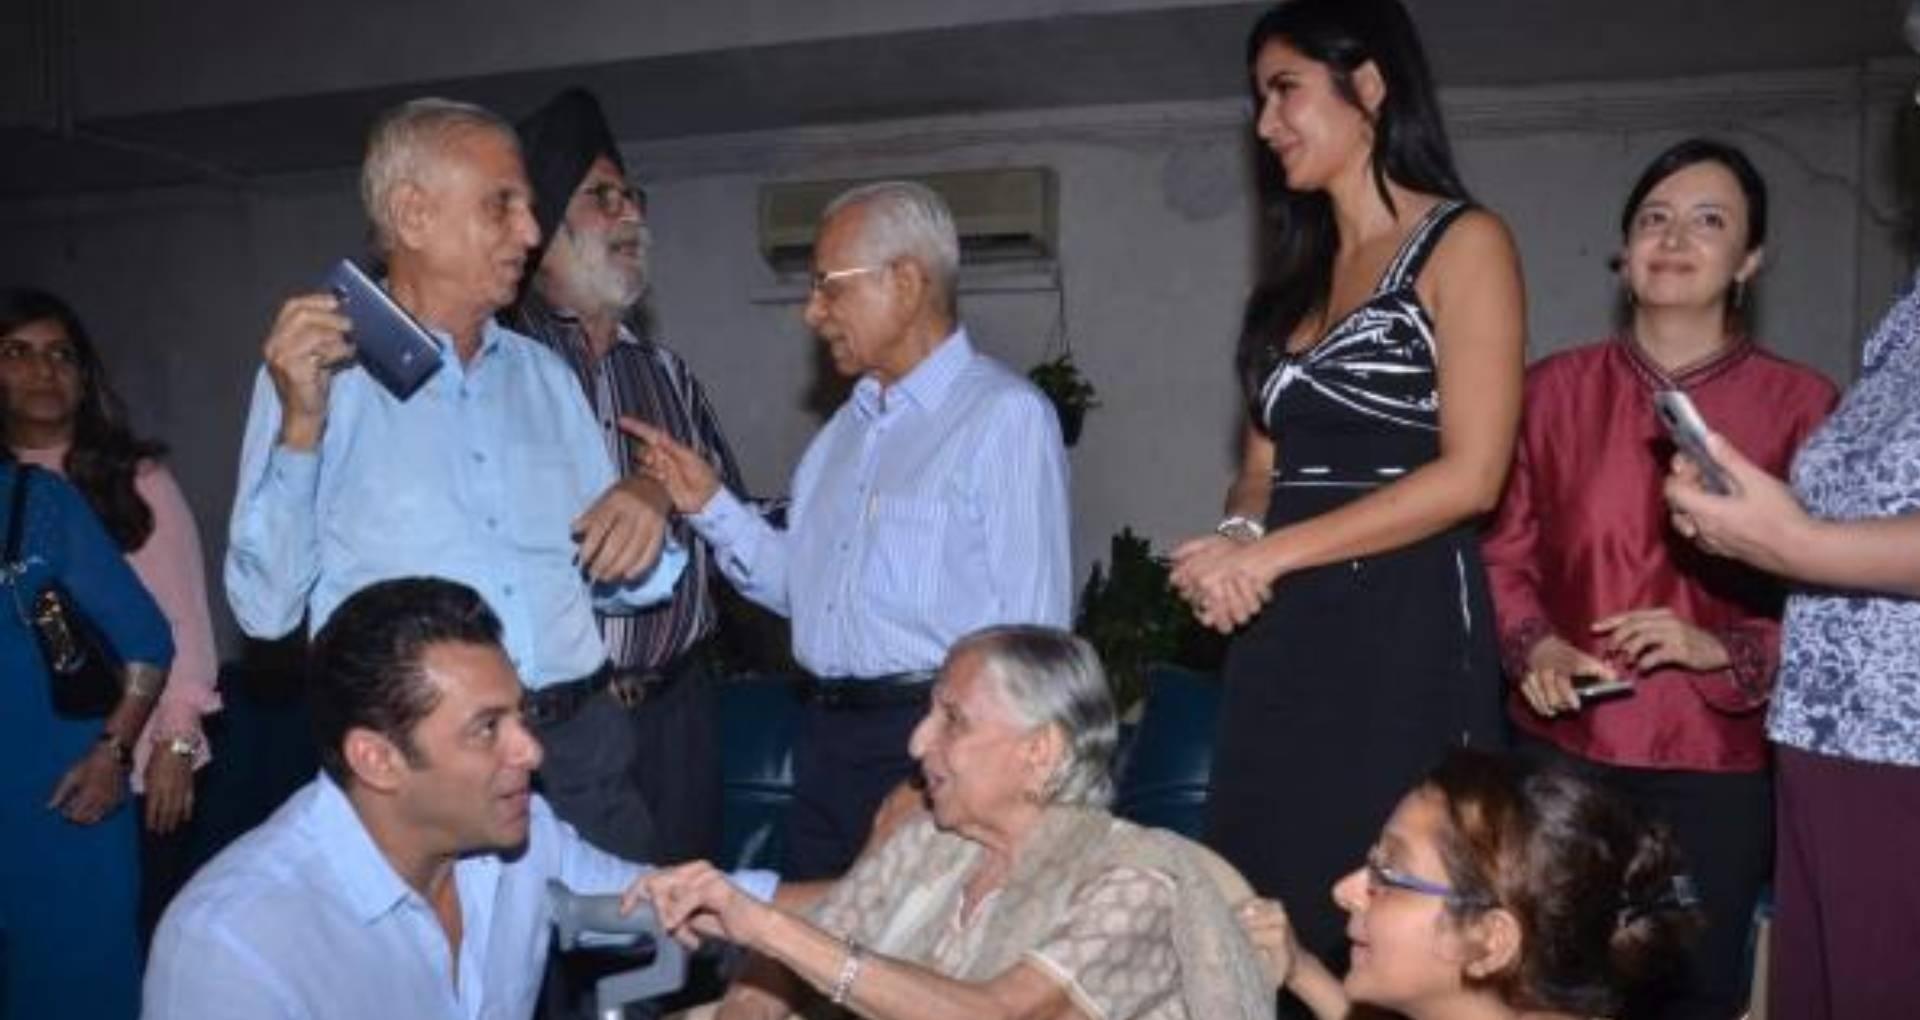 सलमान खान और कैटरीना कैफ का भारत के लिए जारी है प्रमोशन, 1947 के विभाजन का सामना करने वालों से की मुलाकात